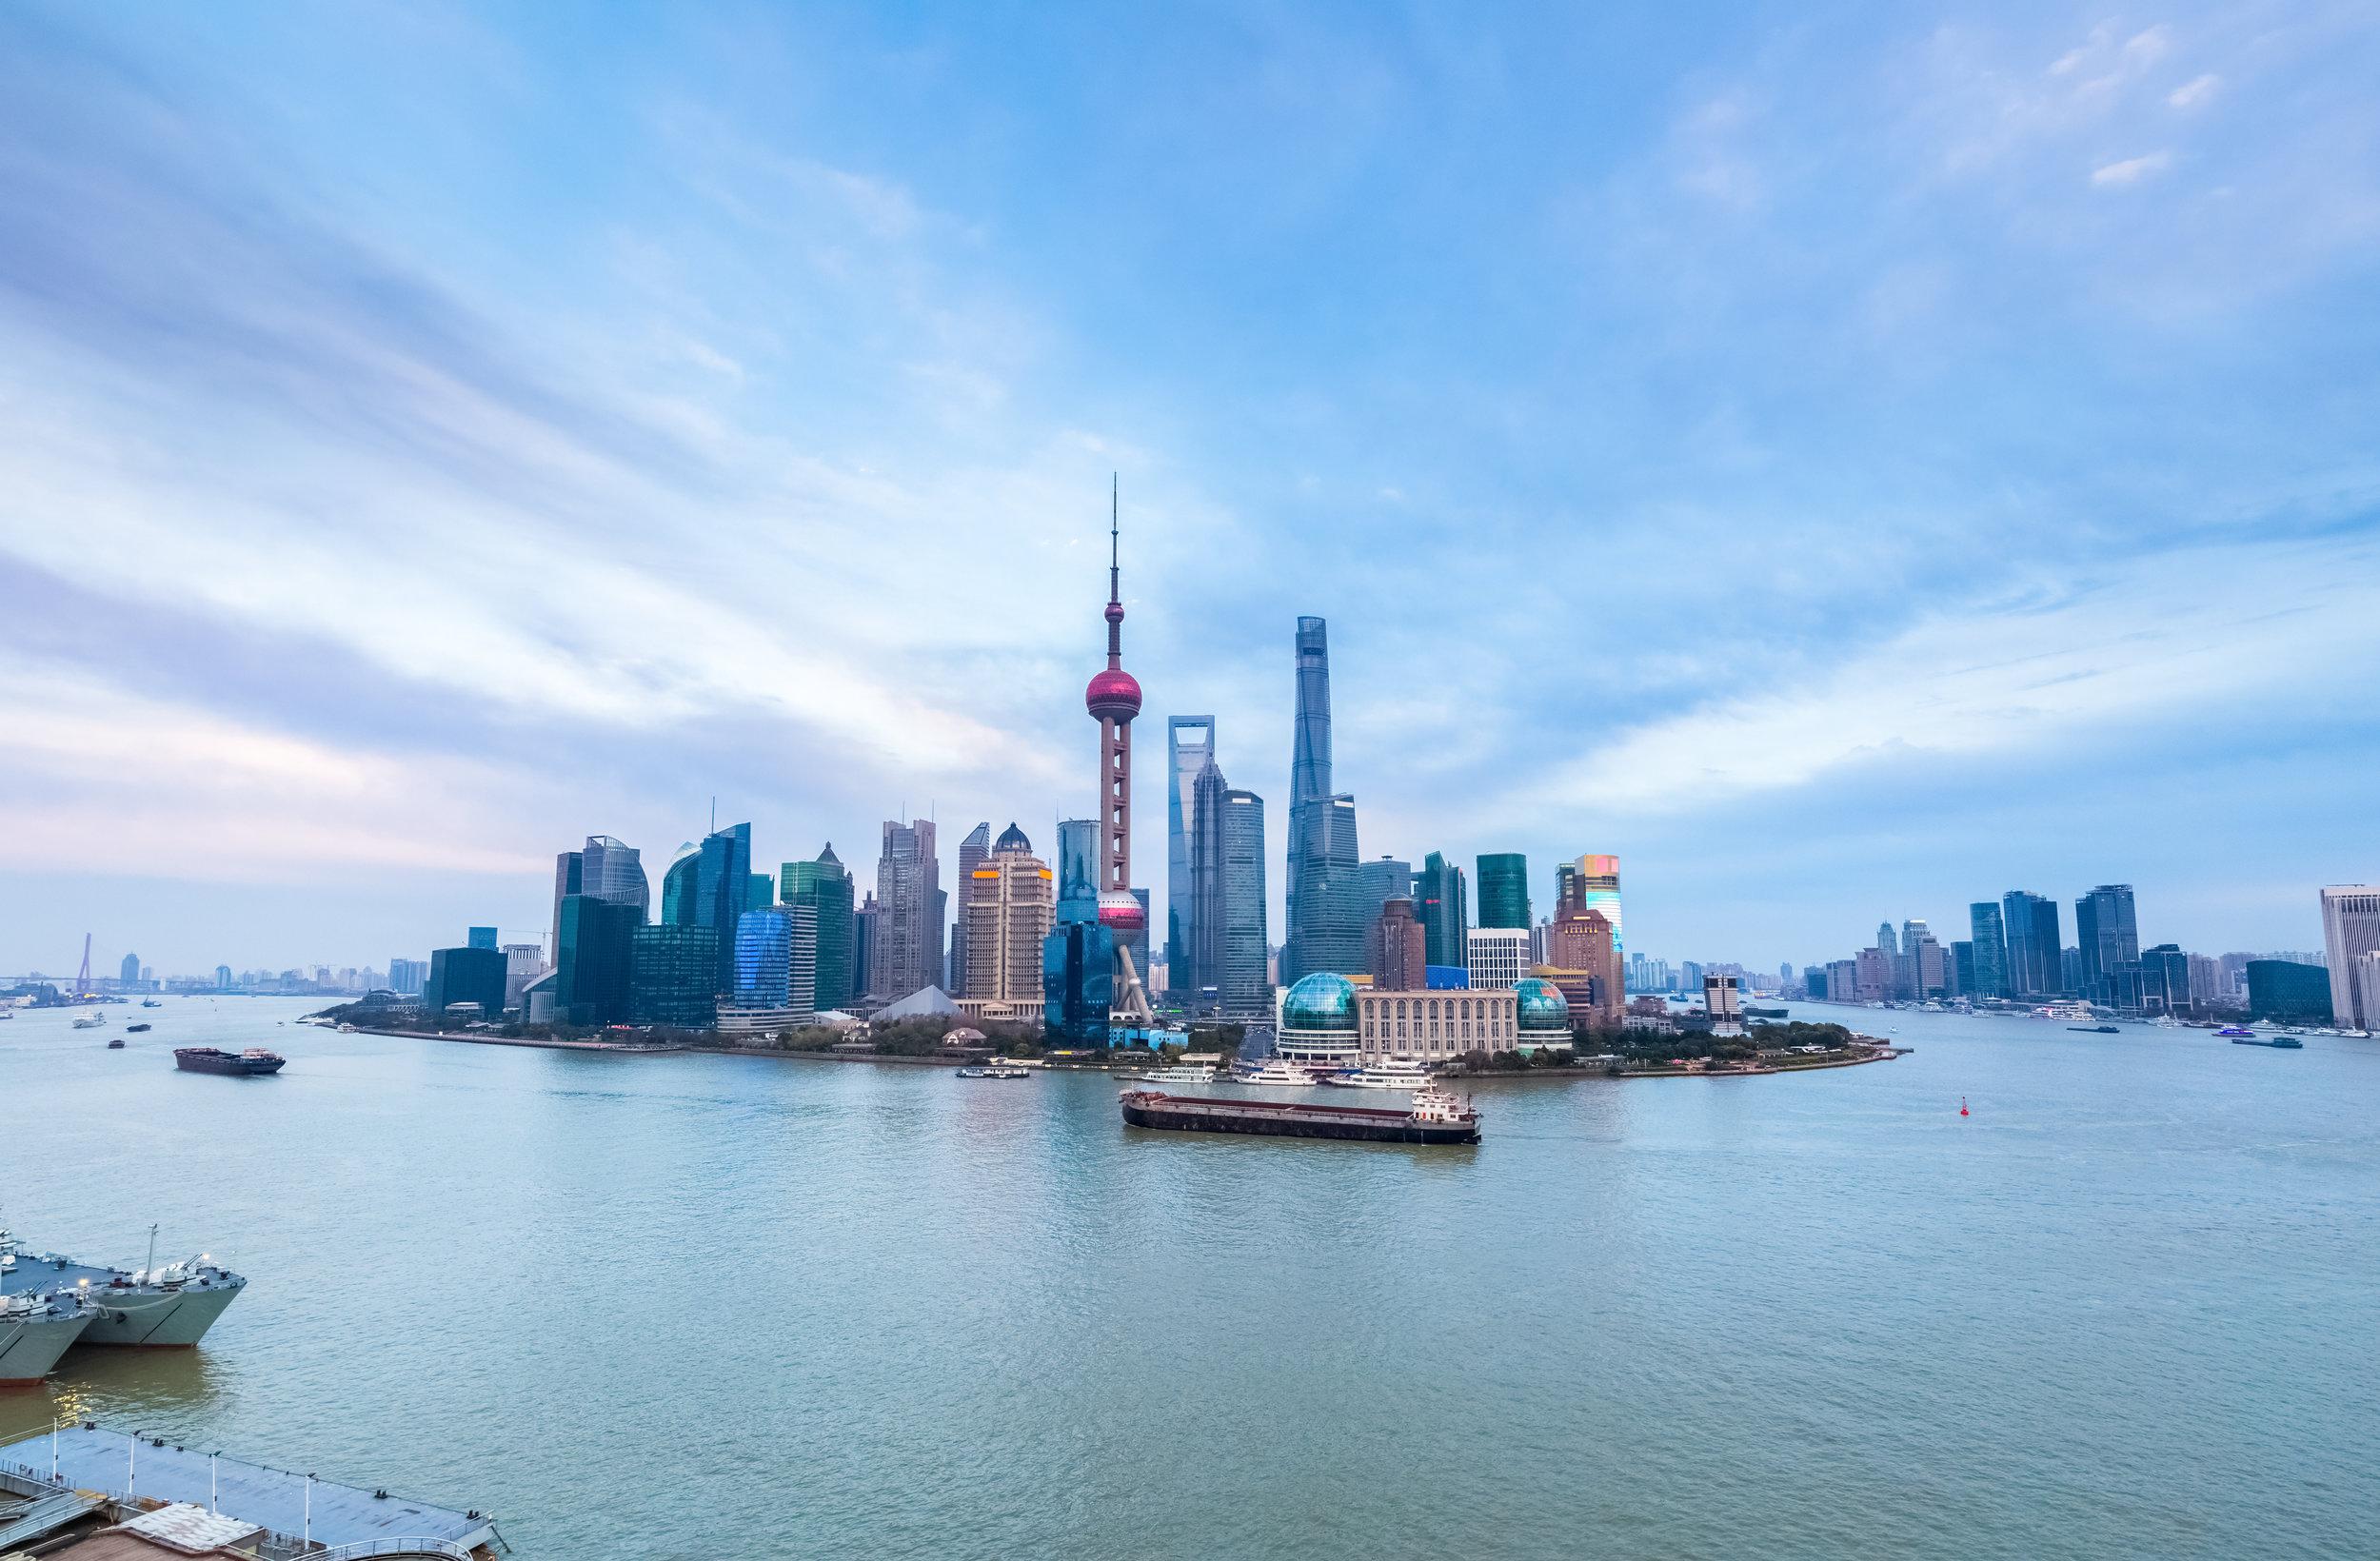 China Distributionand Fulfillment -